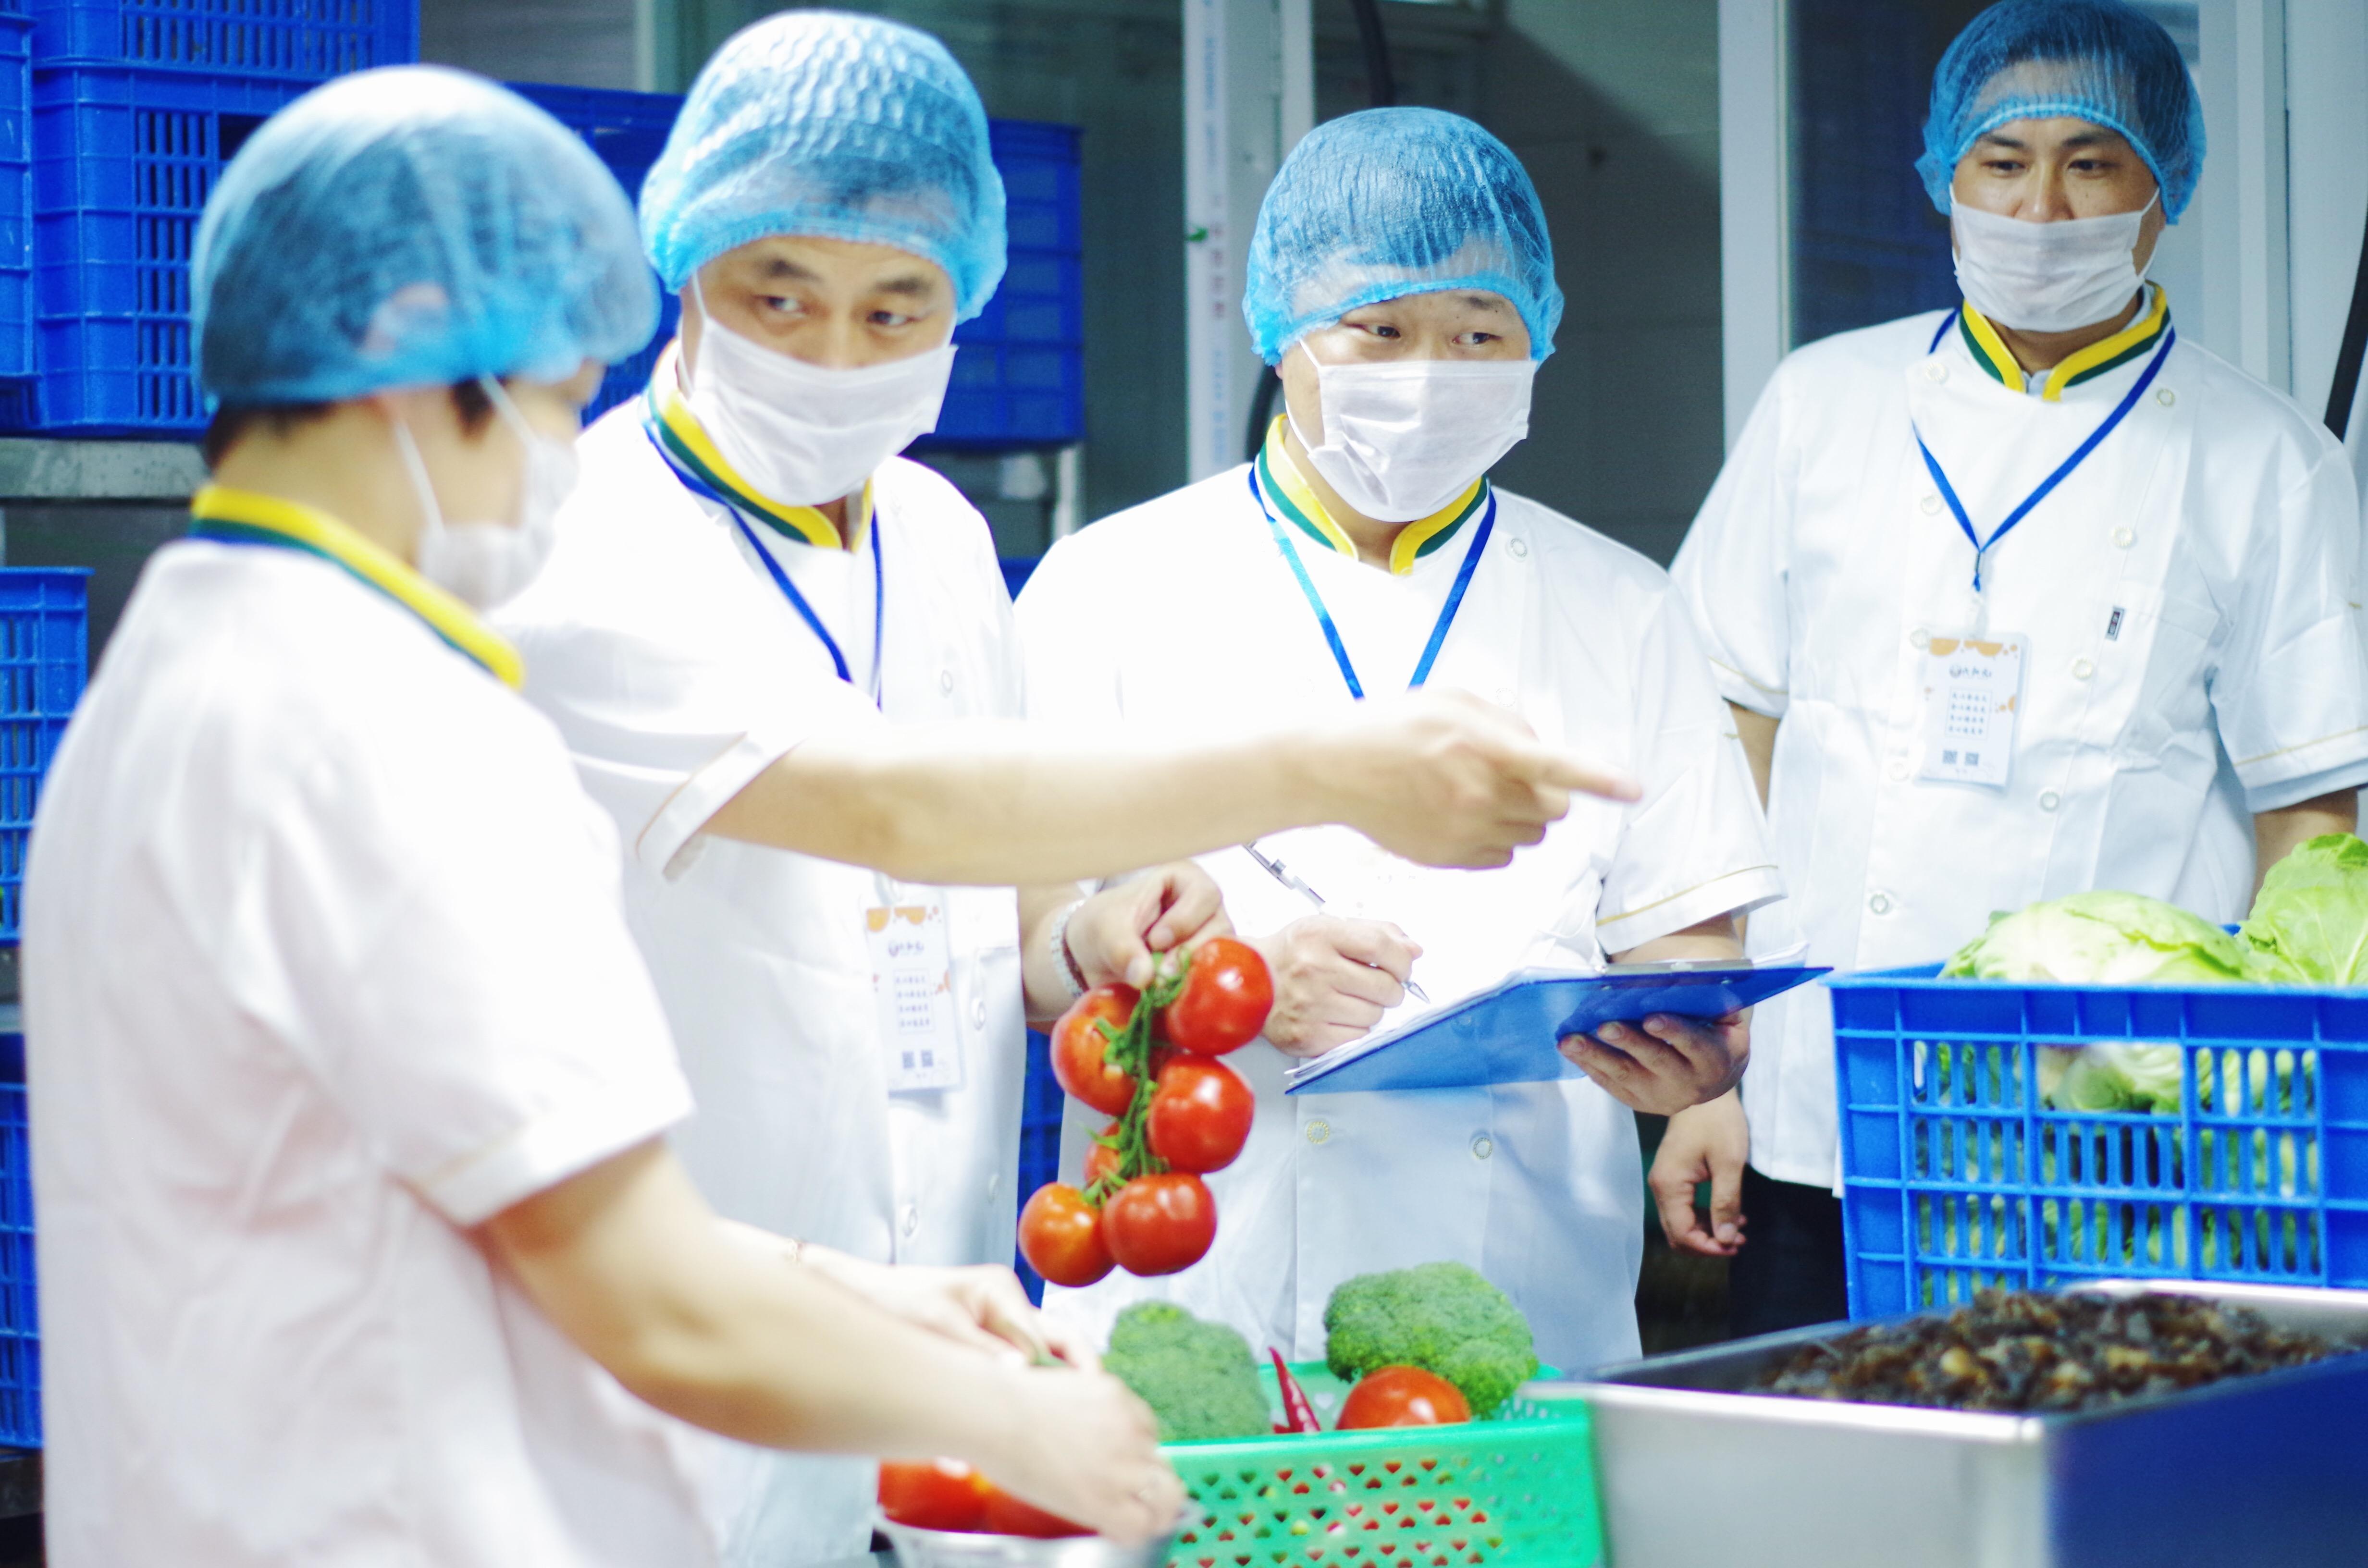 摩臣5营养师浅谈中学生营养需求